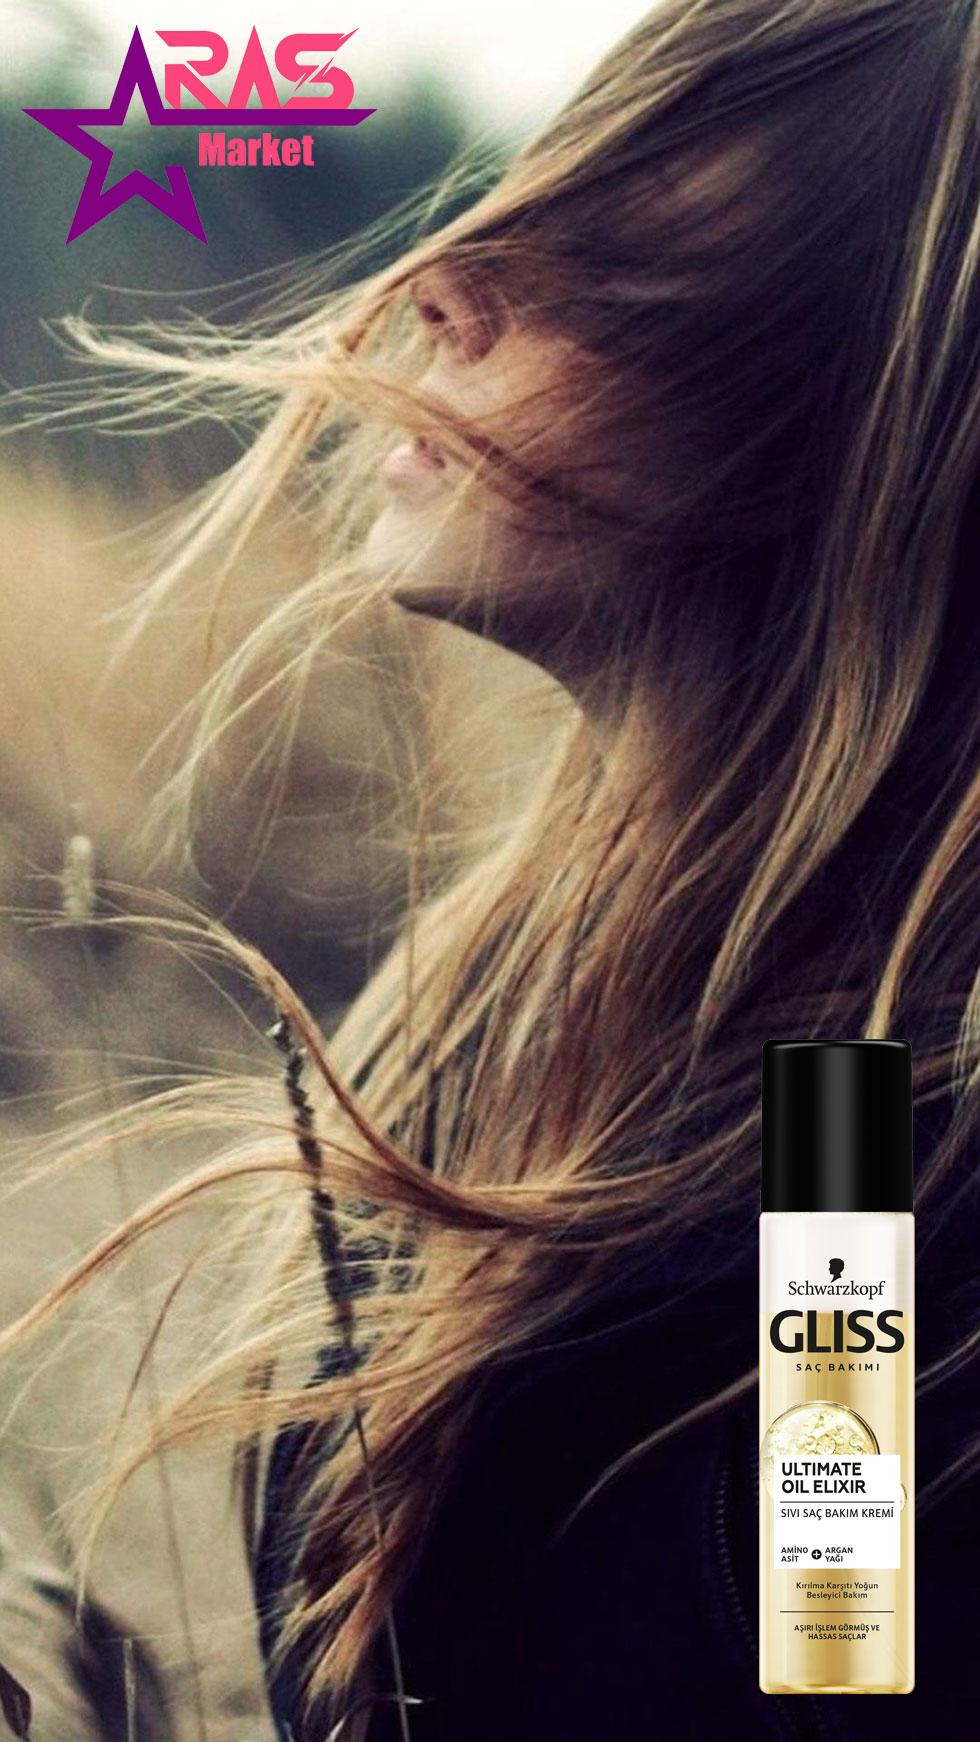 اسپری دو فاز گلیس مدل Ultimate Oil Elixir ترمیم و تقویت کننده مو 200 میلی لیتر ، خرید اینترنتی محصولات شوینده و بهداشتی ، اسپری مو گلیس